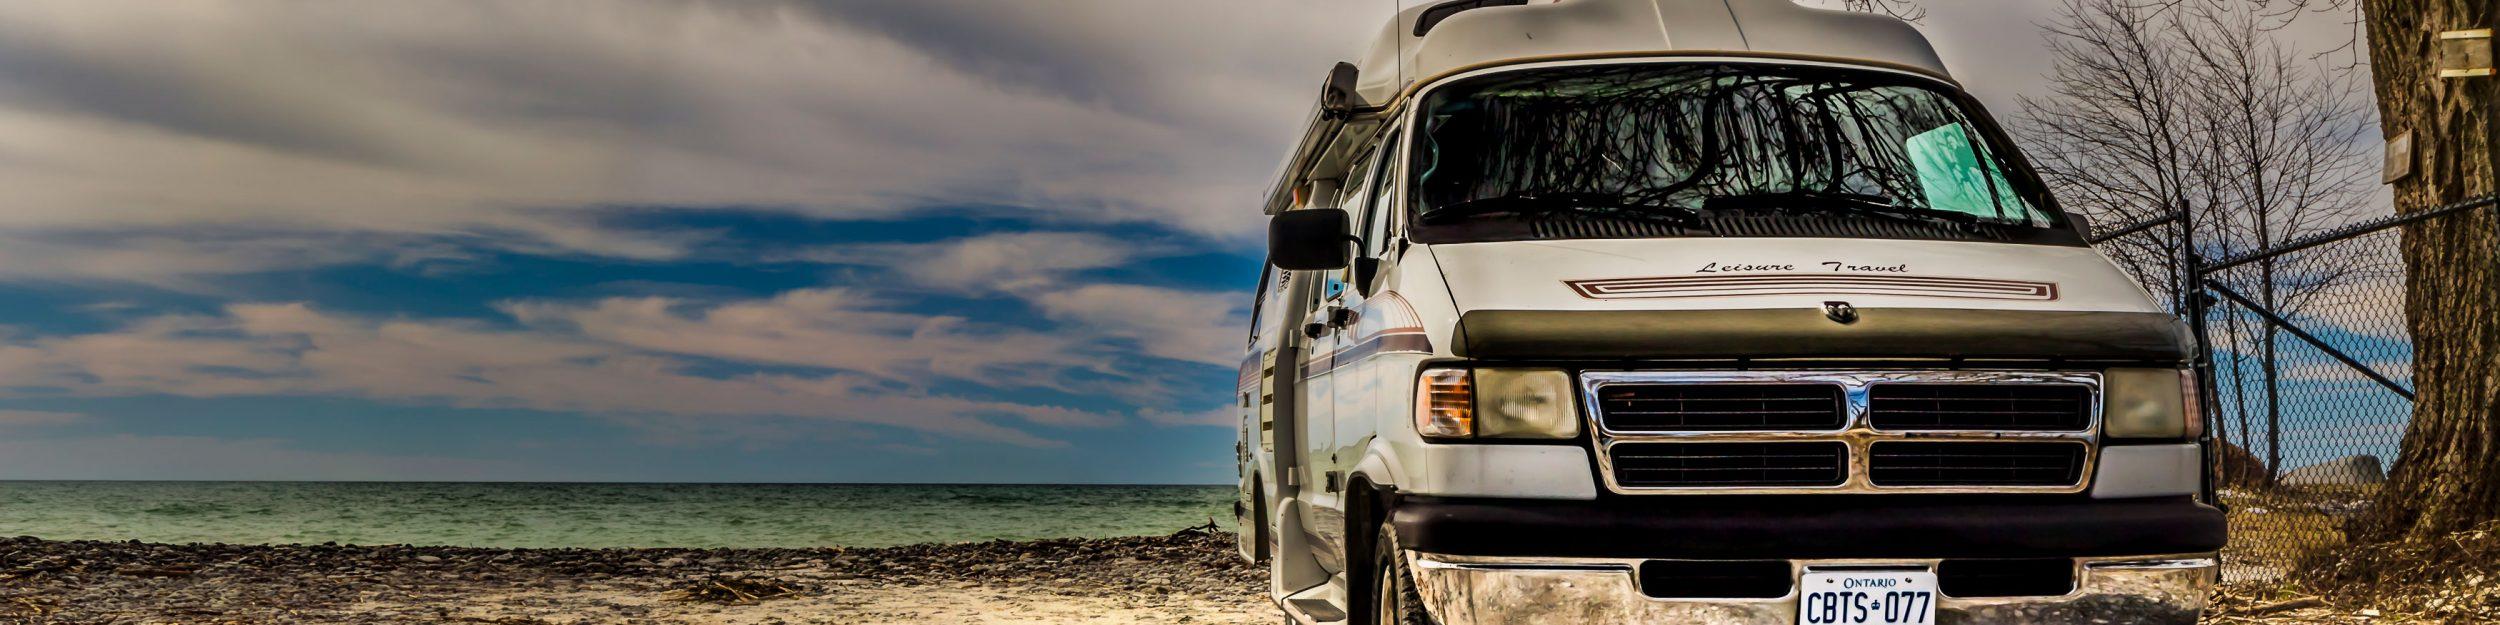 Leisure Travel Freedom – Our Van Tour